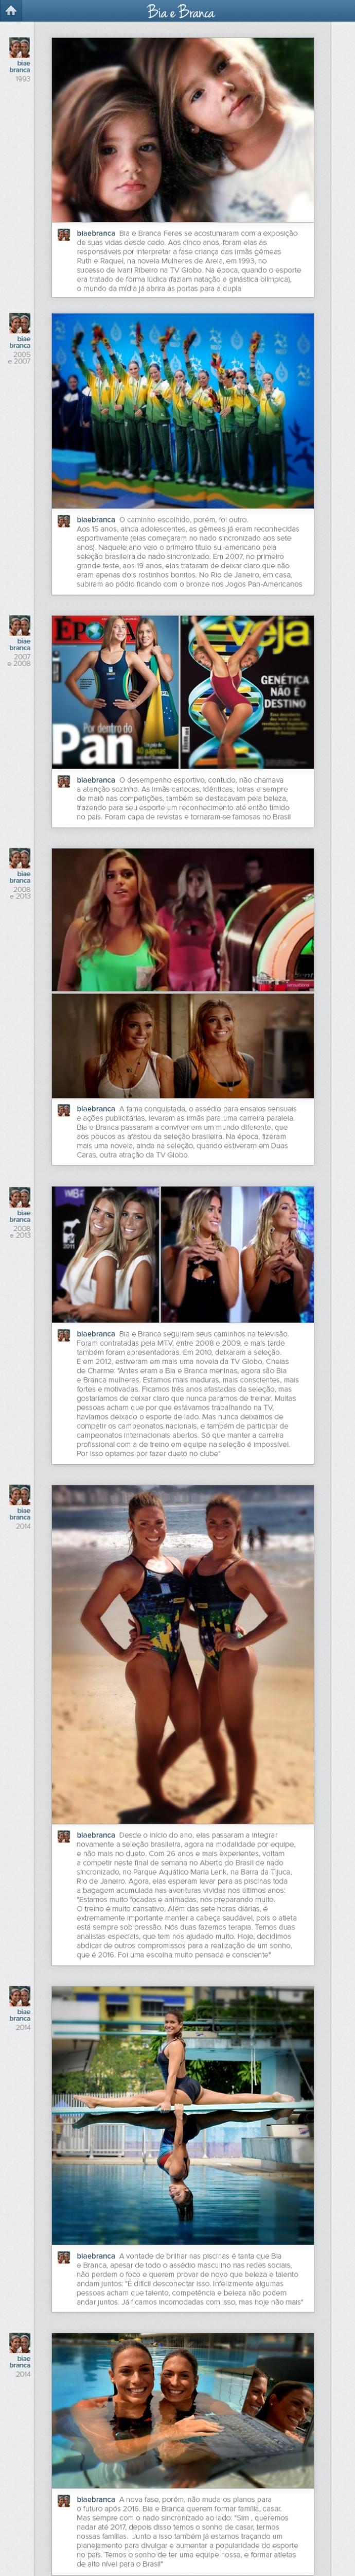 Bia-Branca_INSTAGRAN_v02 (Foto: Infoesporte)